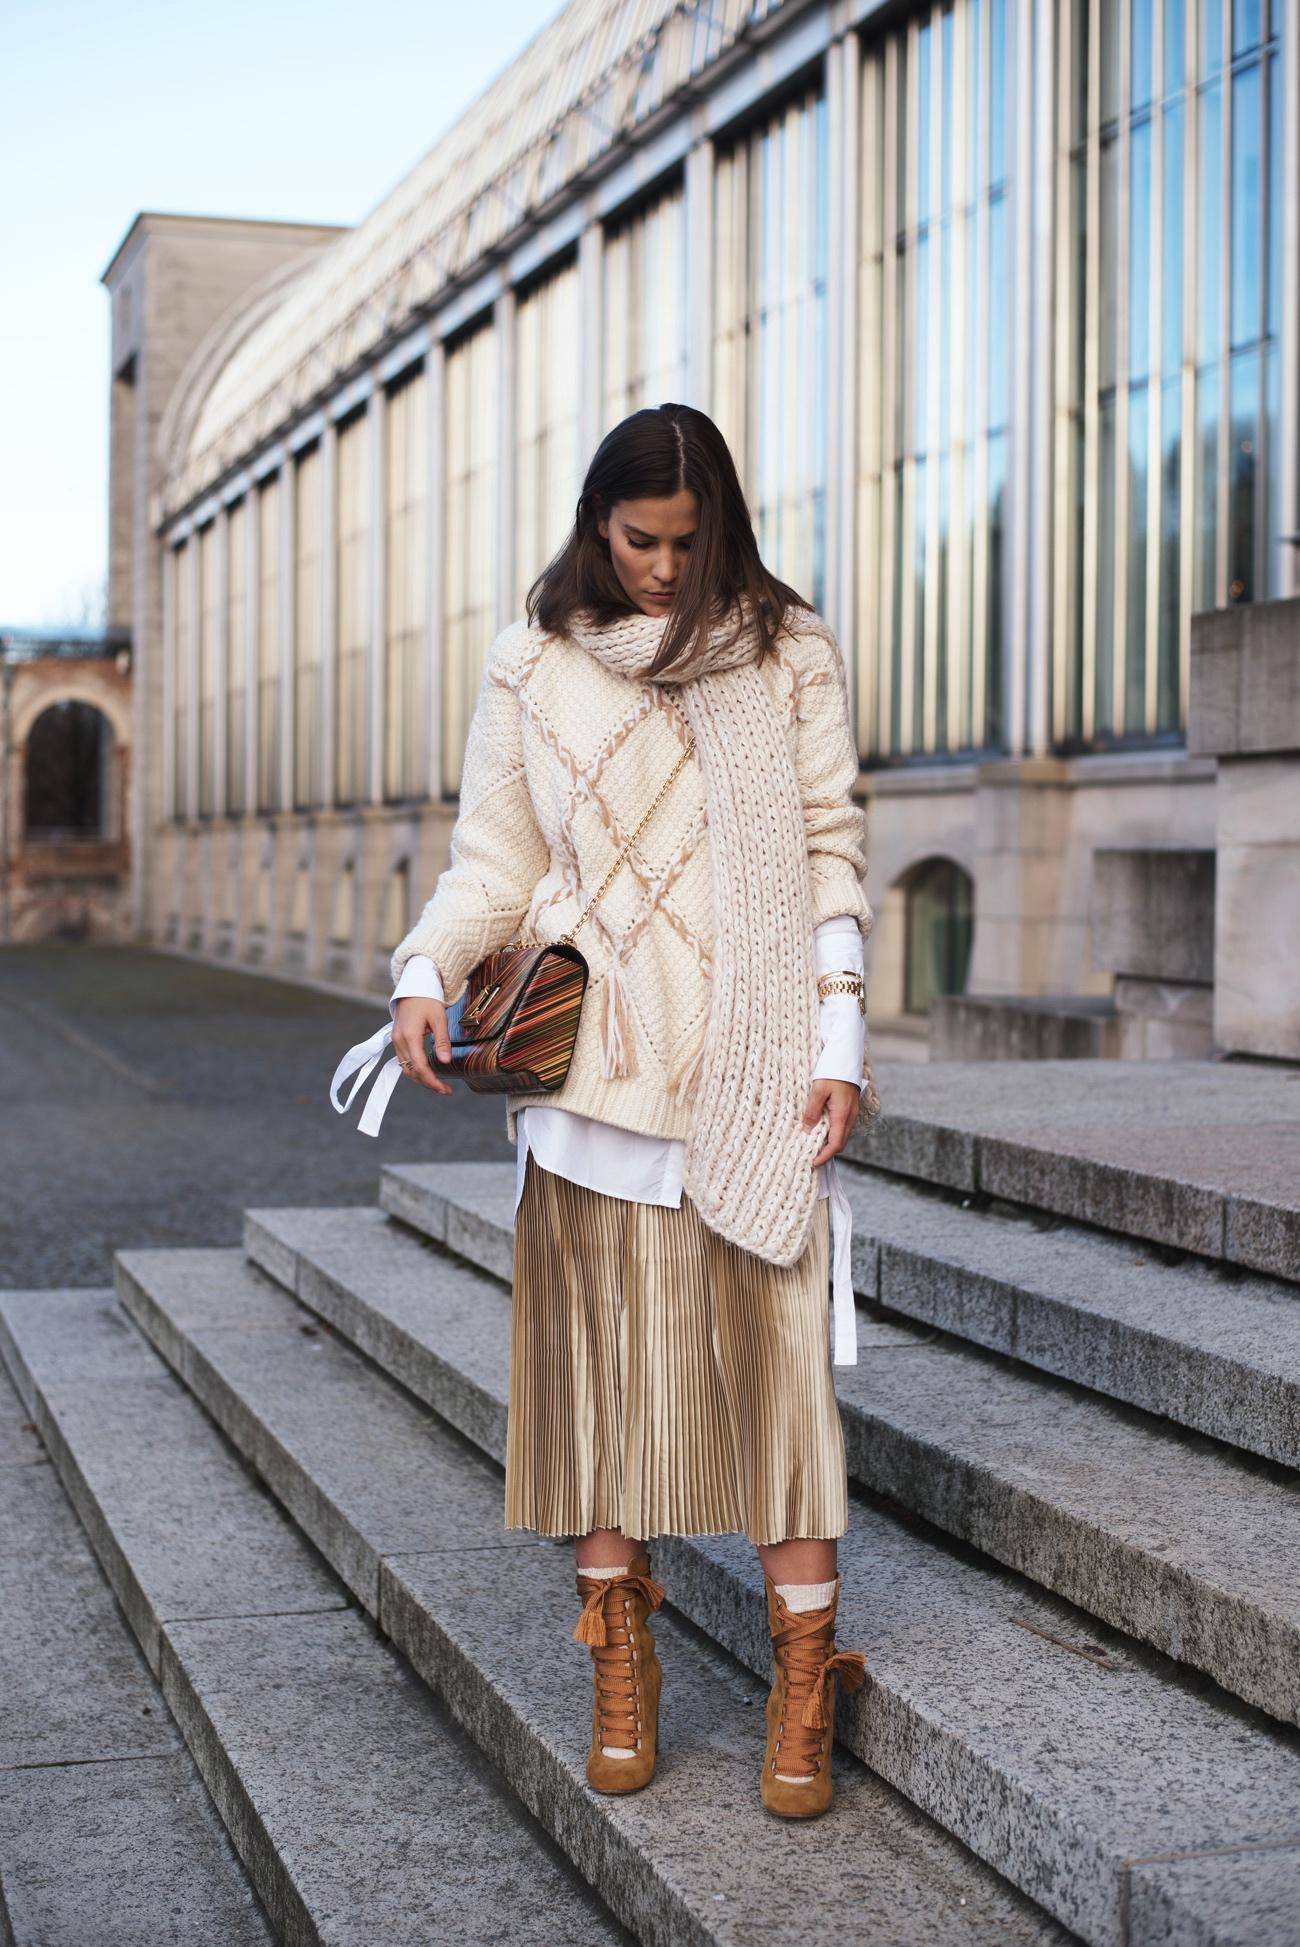 stylisches-outfit-im-winter-strickpullover-layering-mit-schal-fashiioncarpet